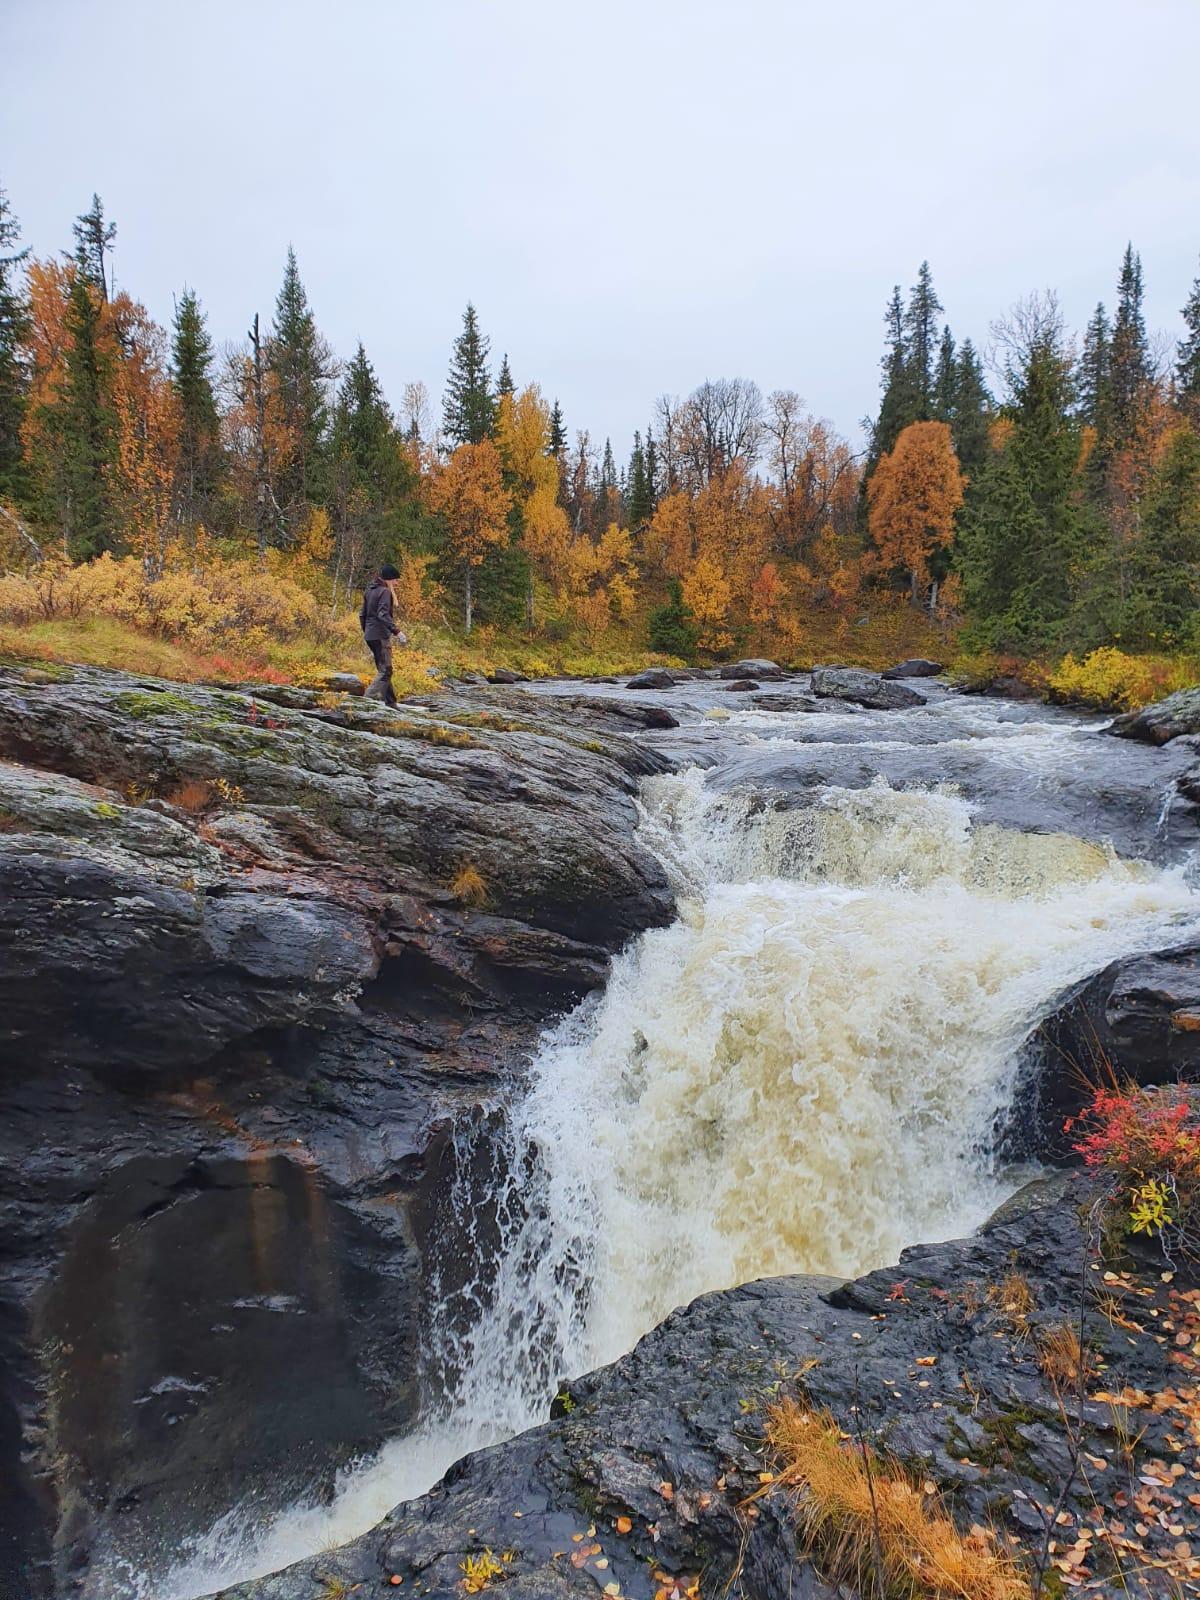 Vandring till vattenfallet och kanjonen vid Stensjöbäcken, Dorotea